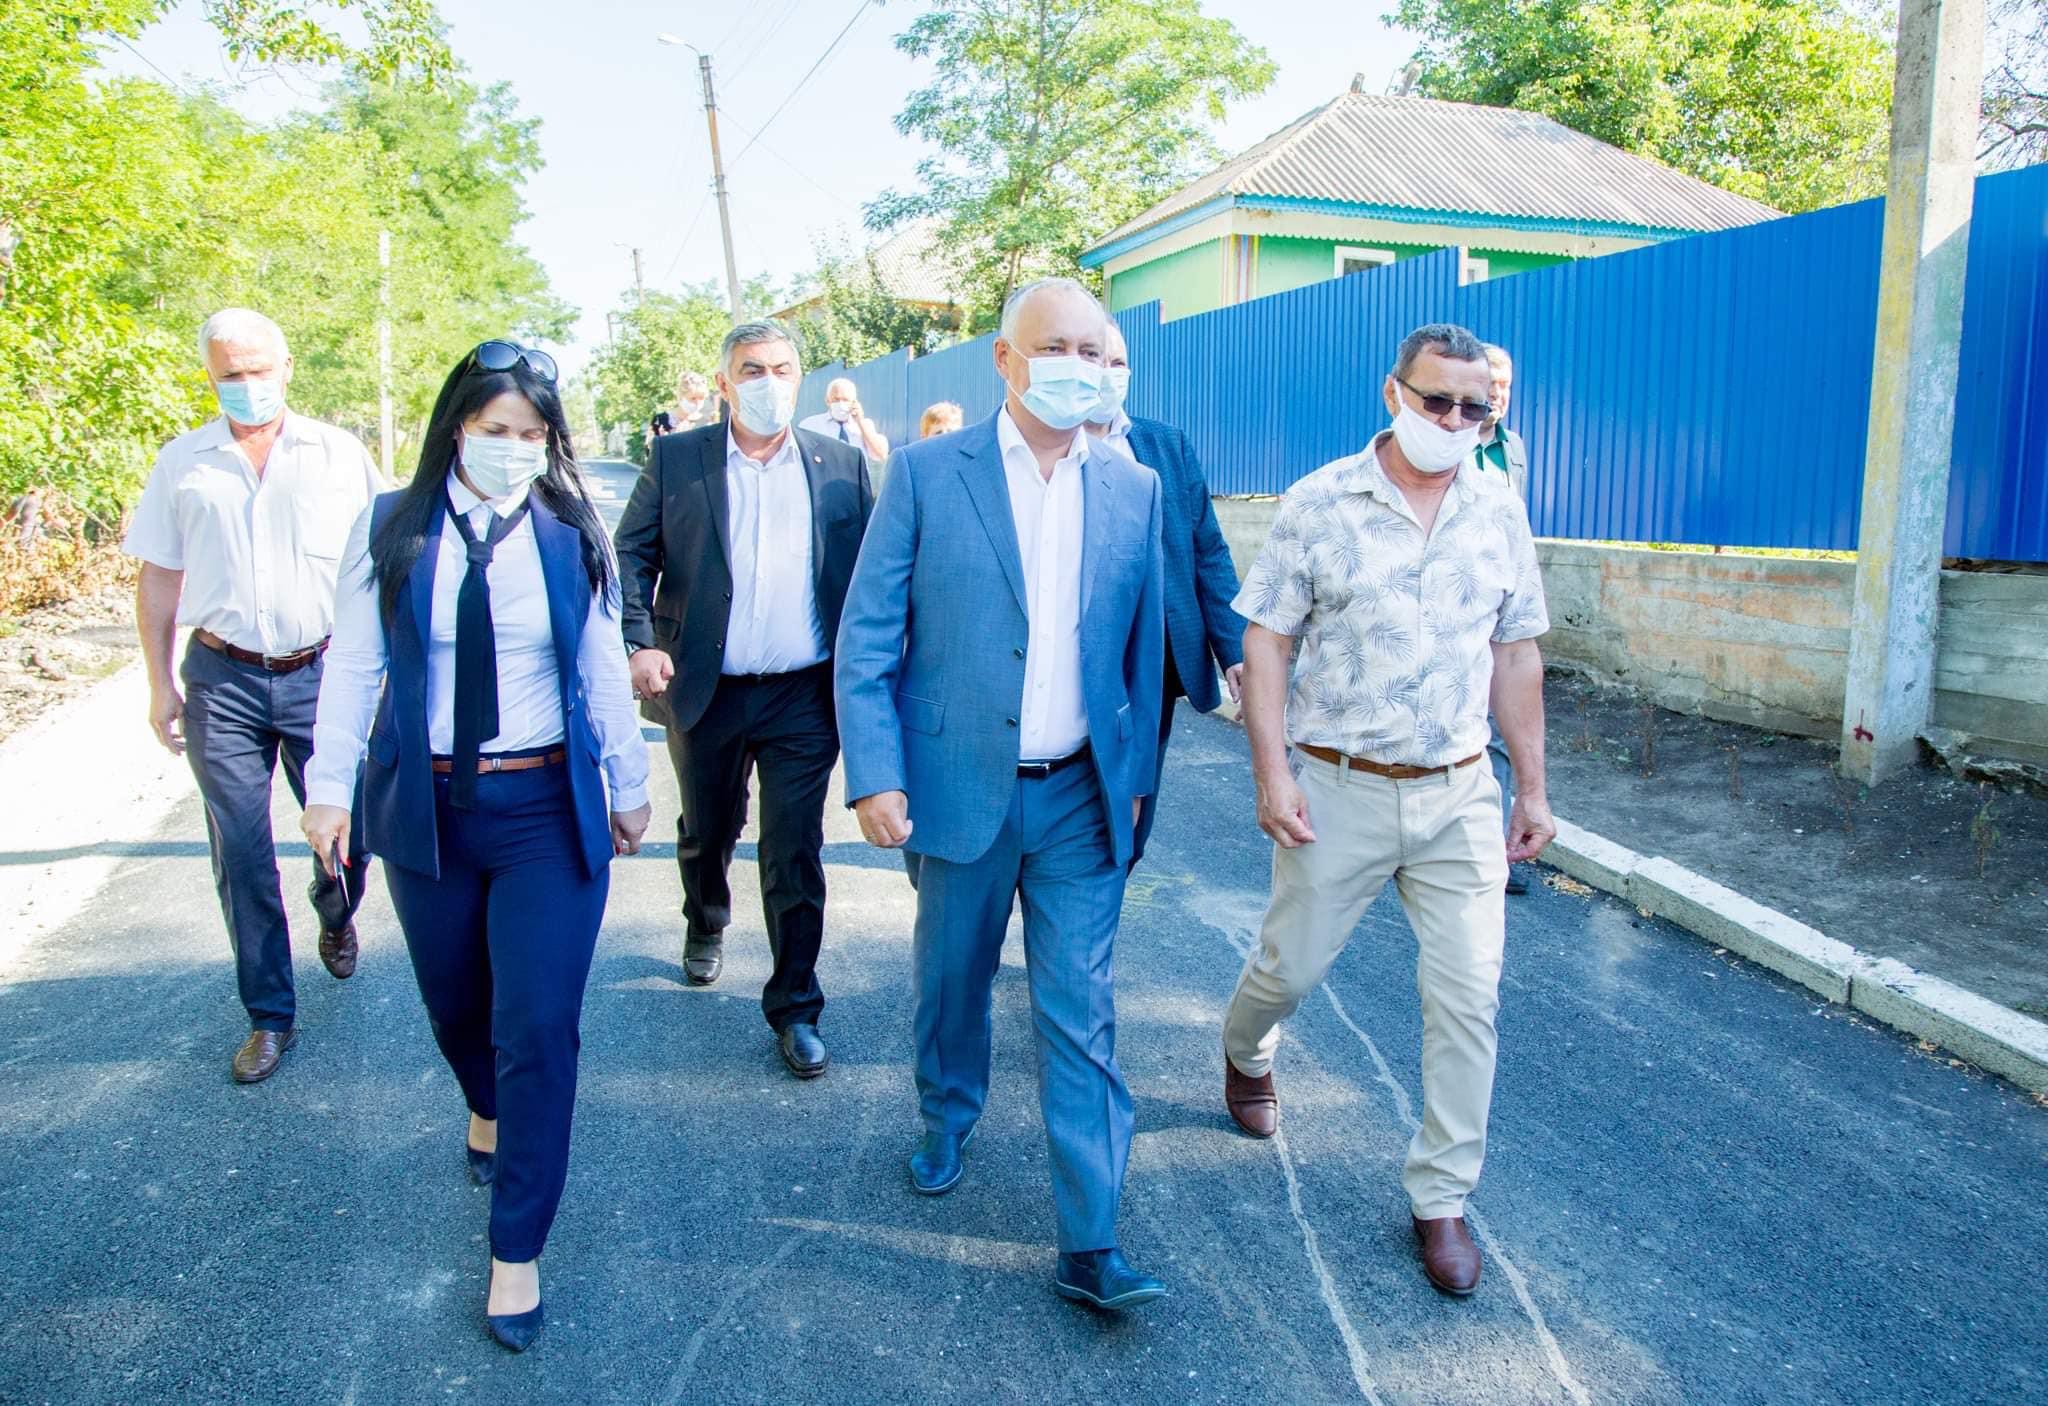 Игорь Додон совершает визит в Теленештский район (ФОТО)